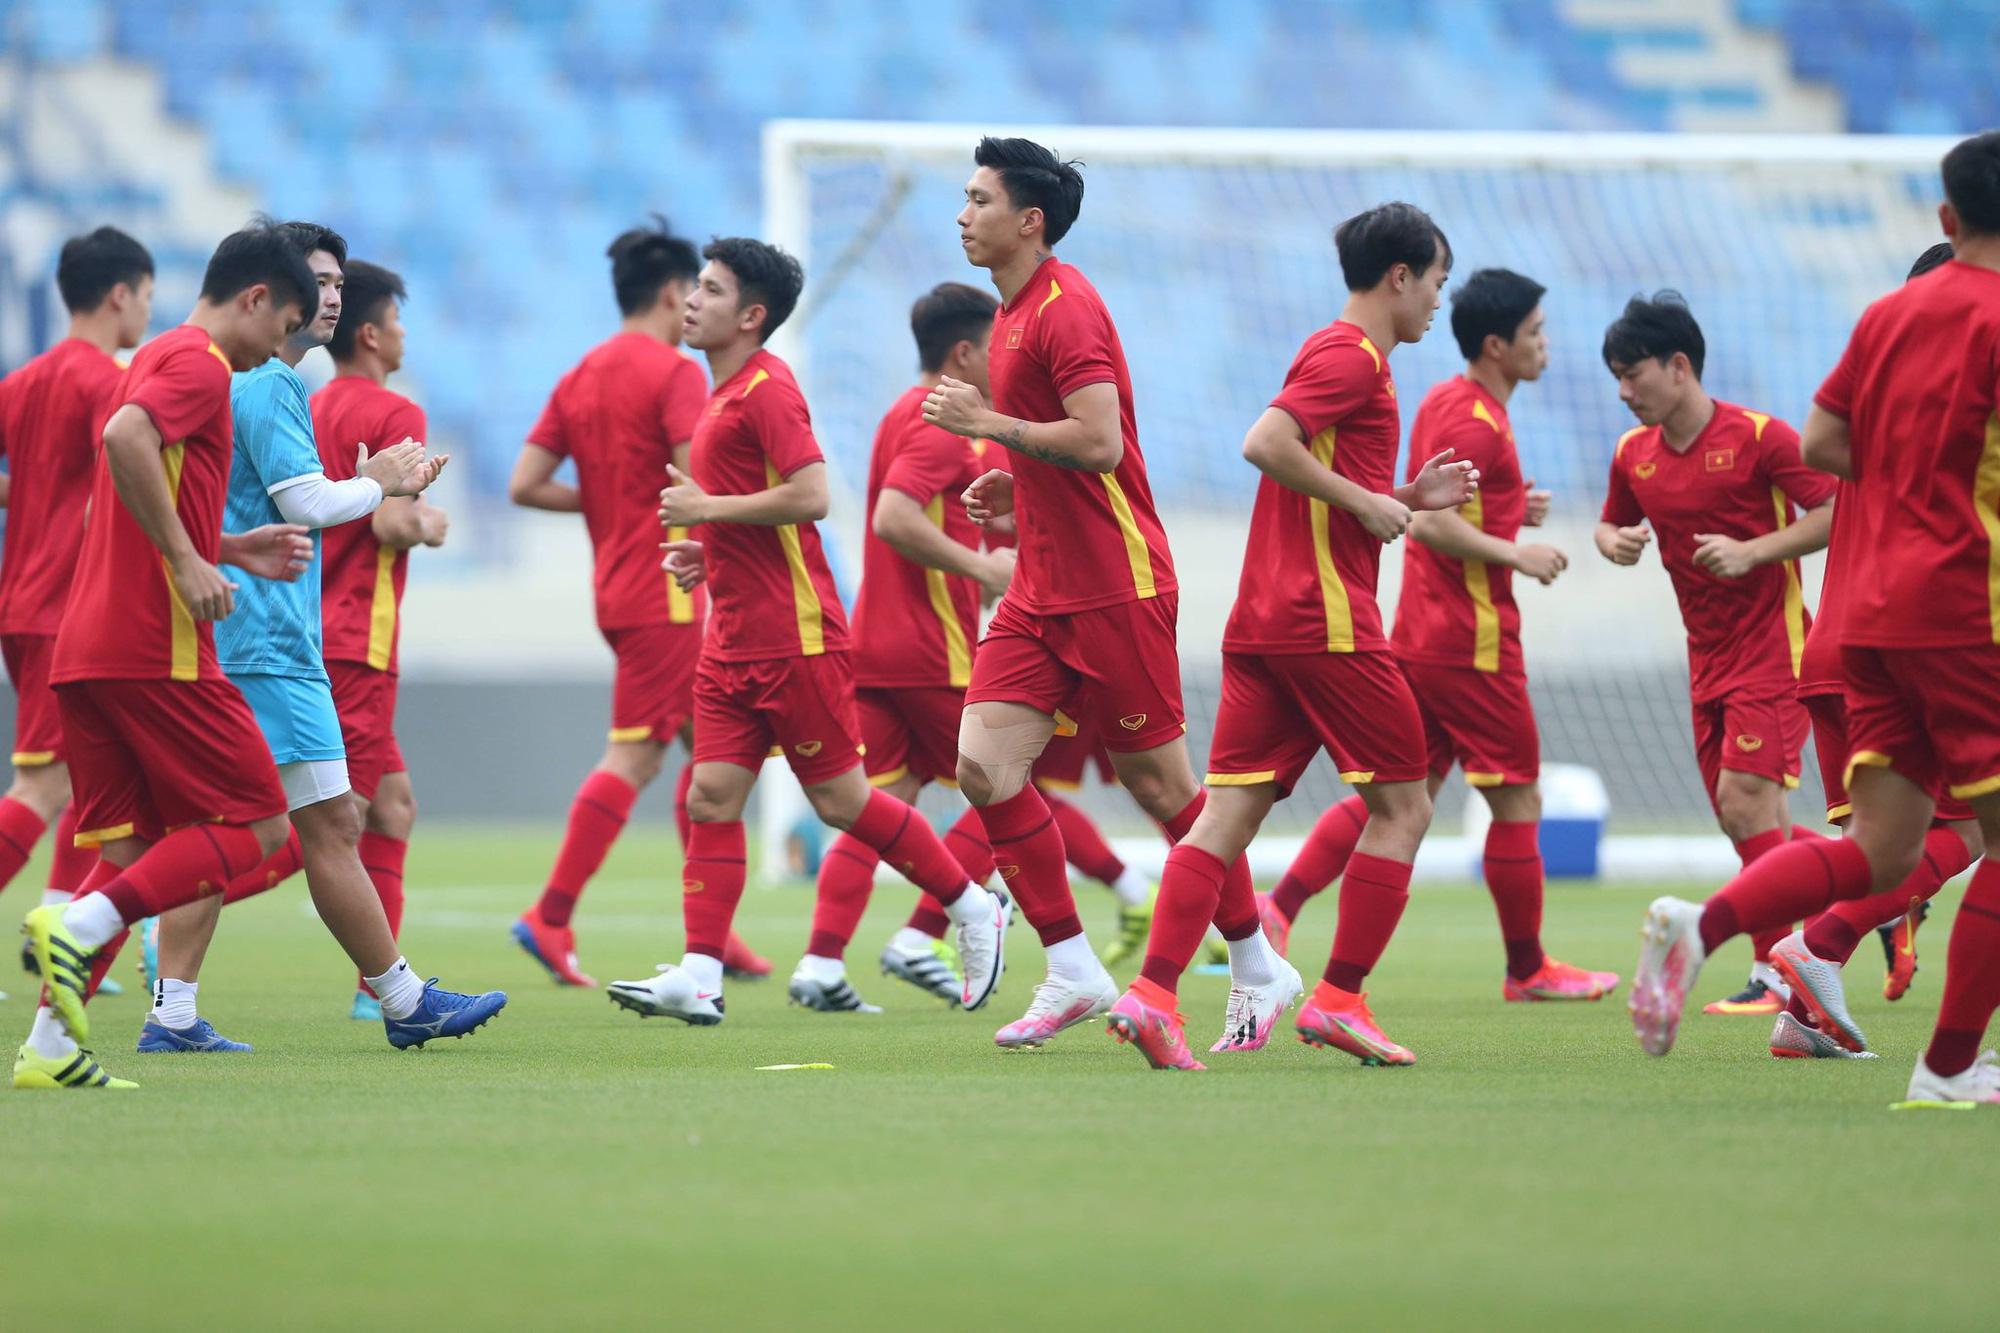 """Chiến binh vàng tạo nên lịch sử - Việt Nam khẳng định tham vọng đến gần hơn """"Giấc mơ World Cup"""" - Ảnh 3."""